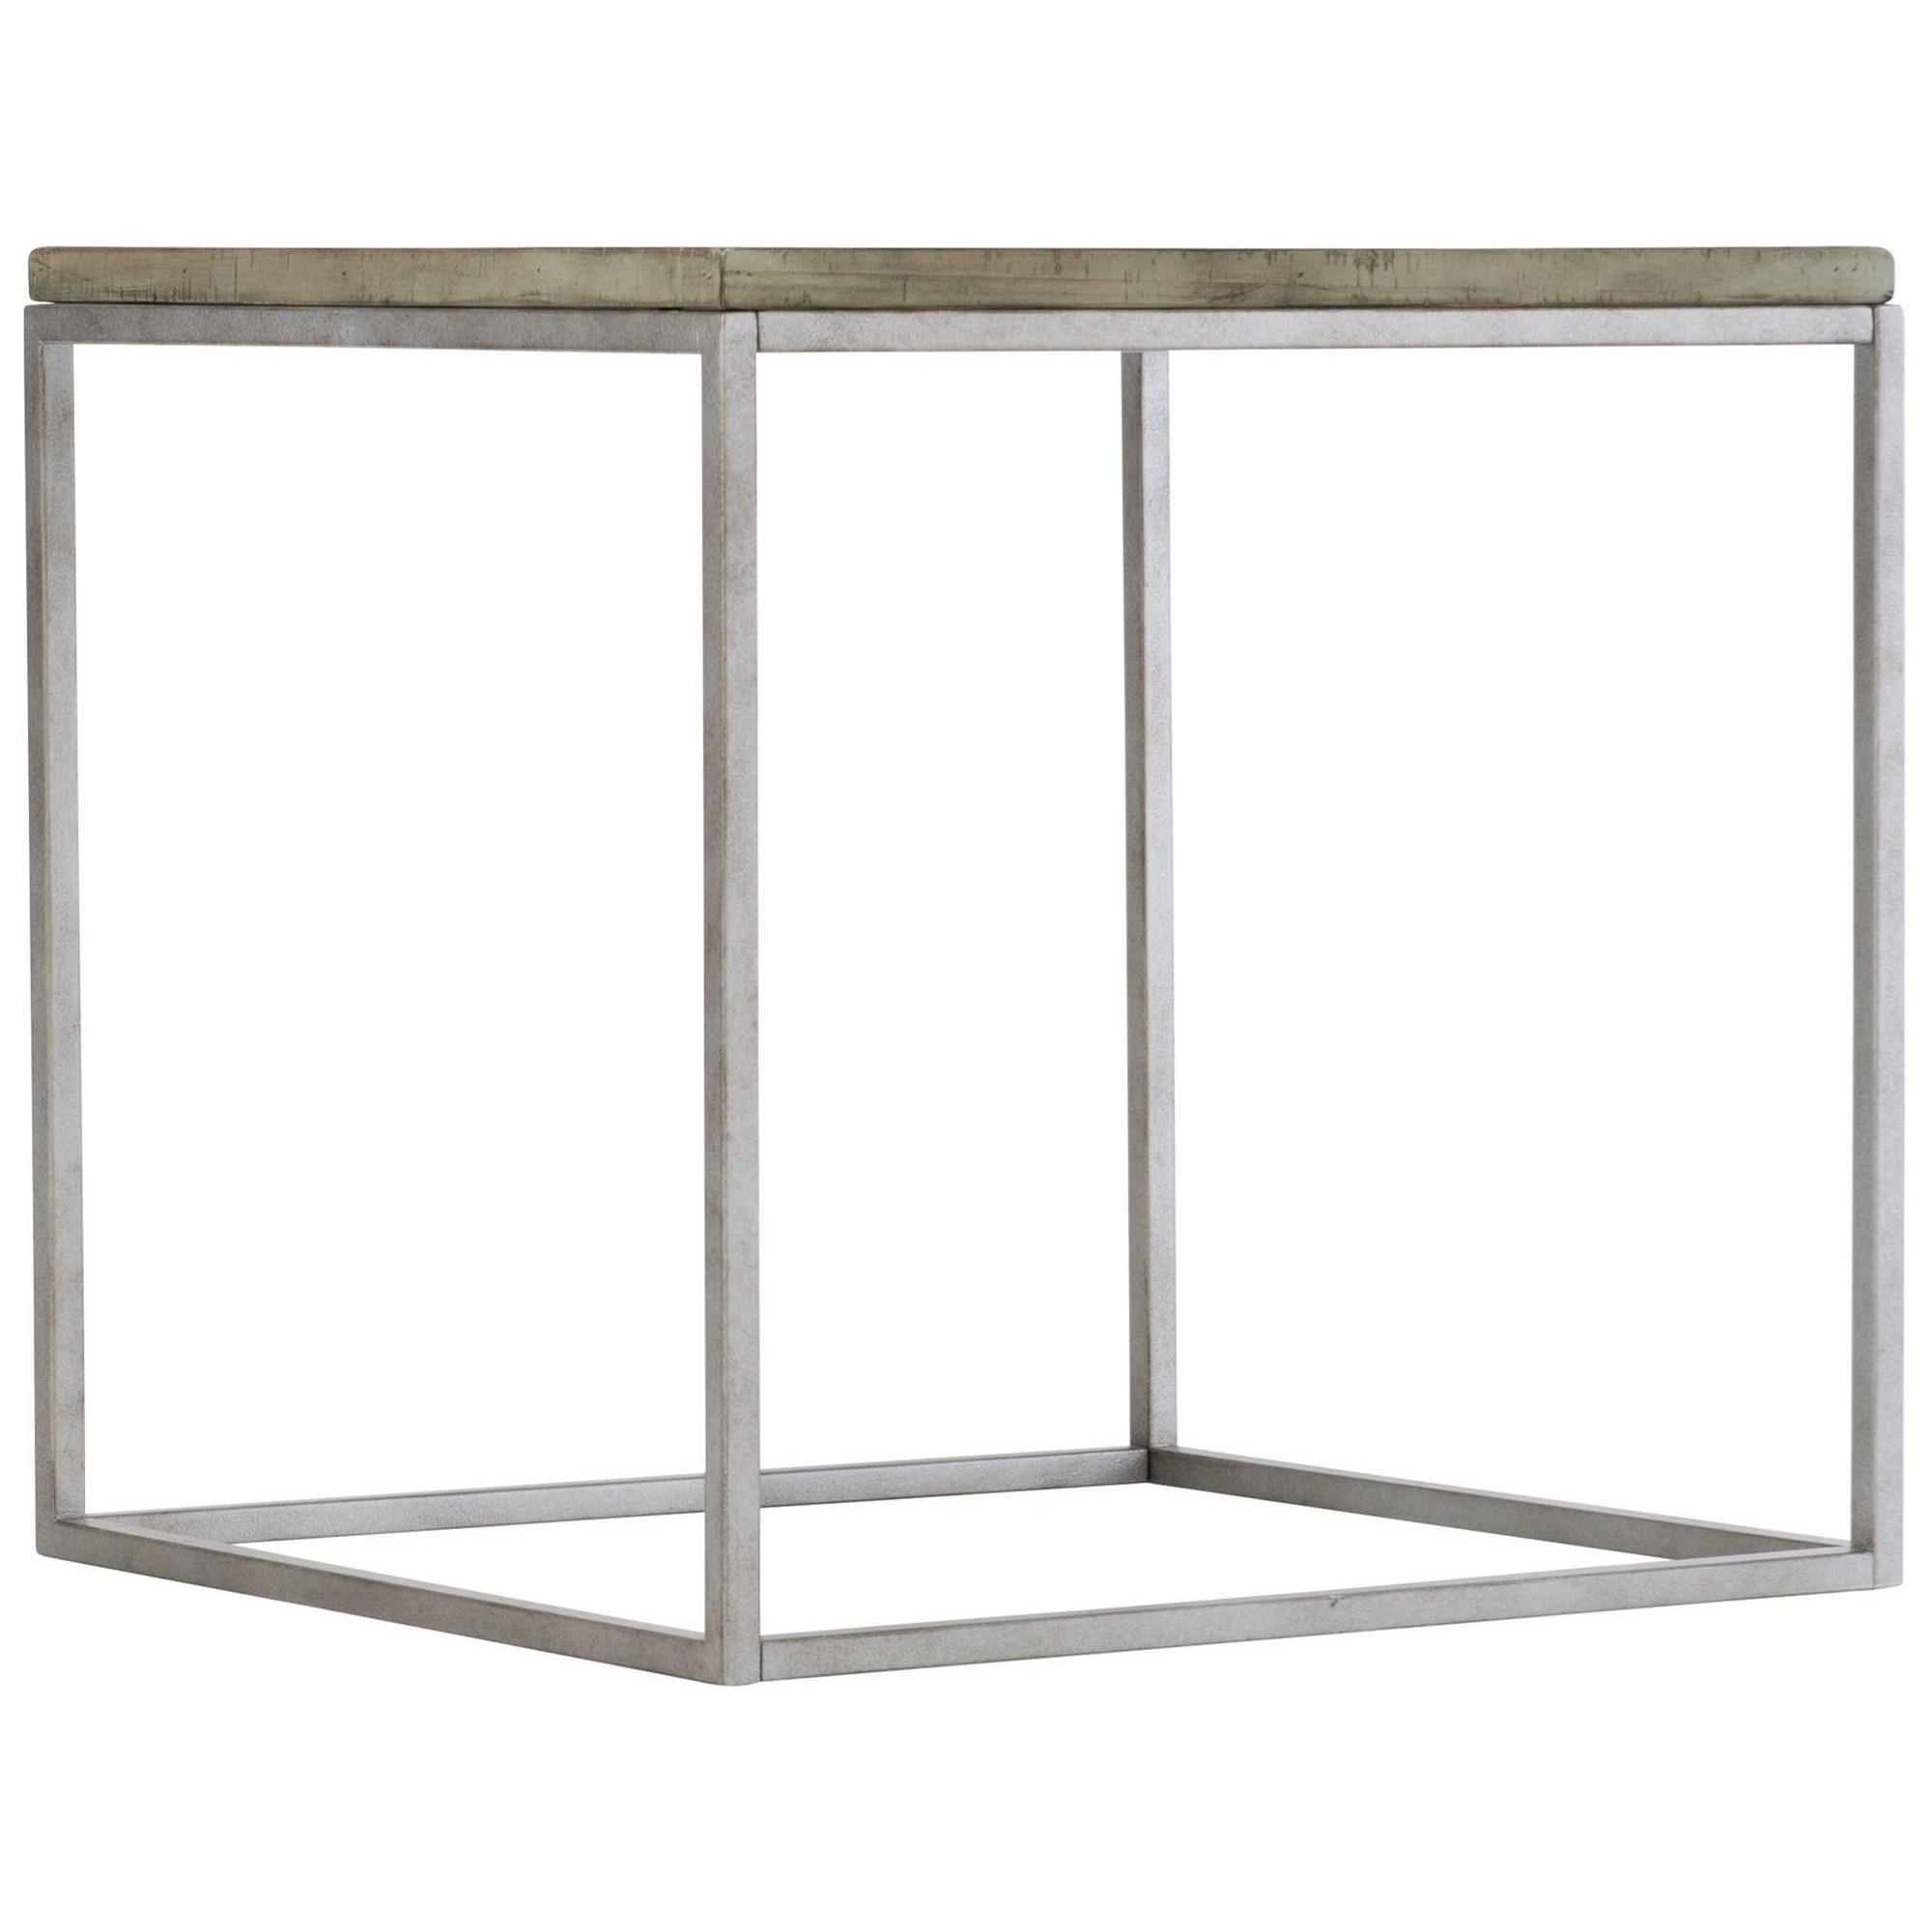 Loft - Highland Park Gresham End Table by Bernhardt at Baer's Furniture